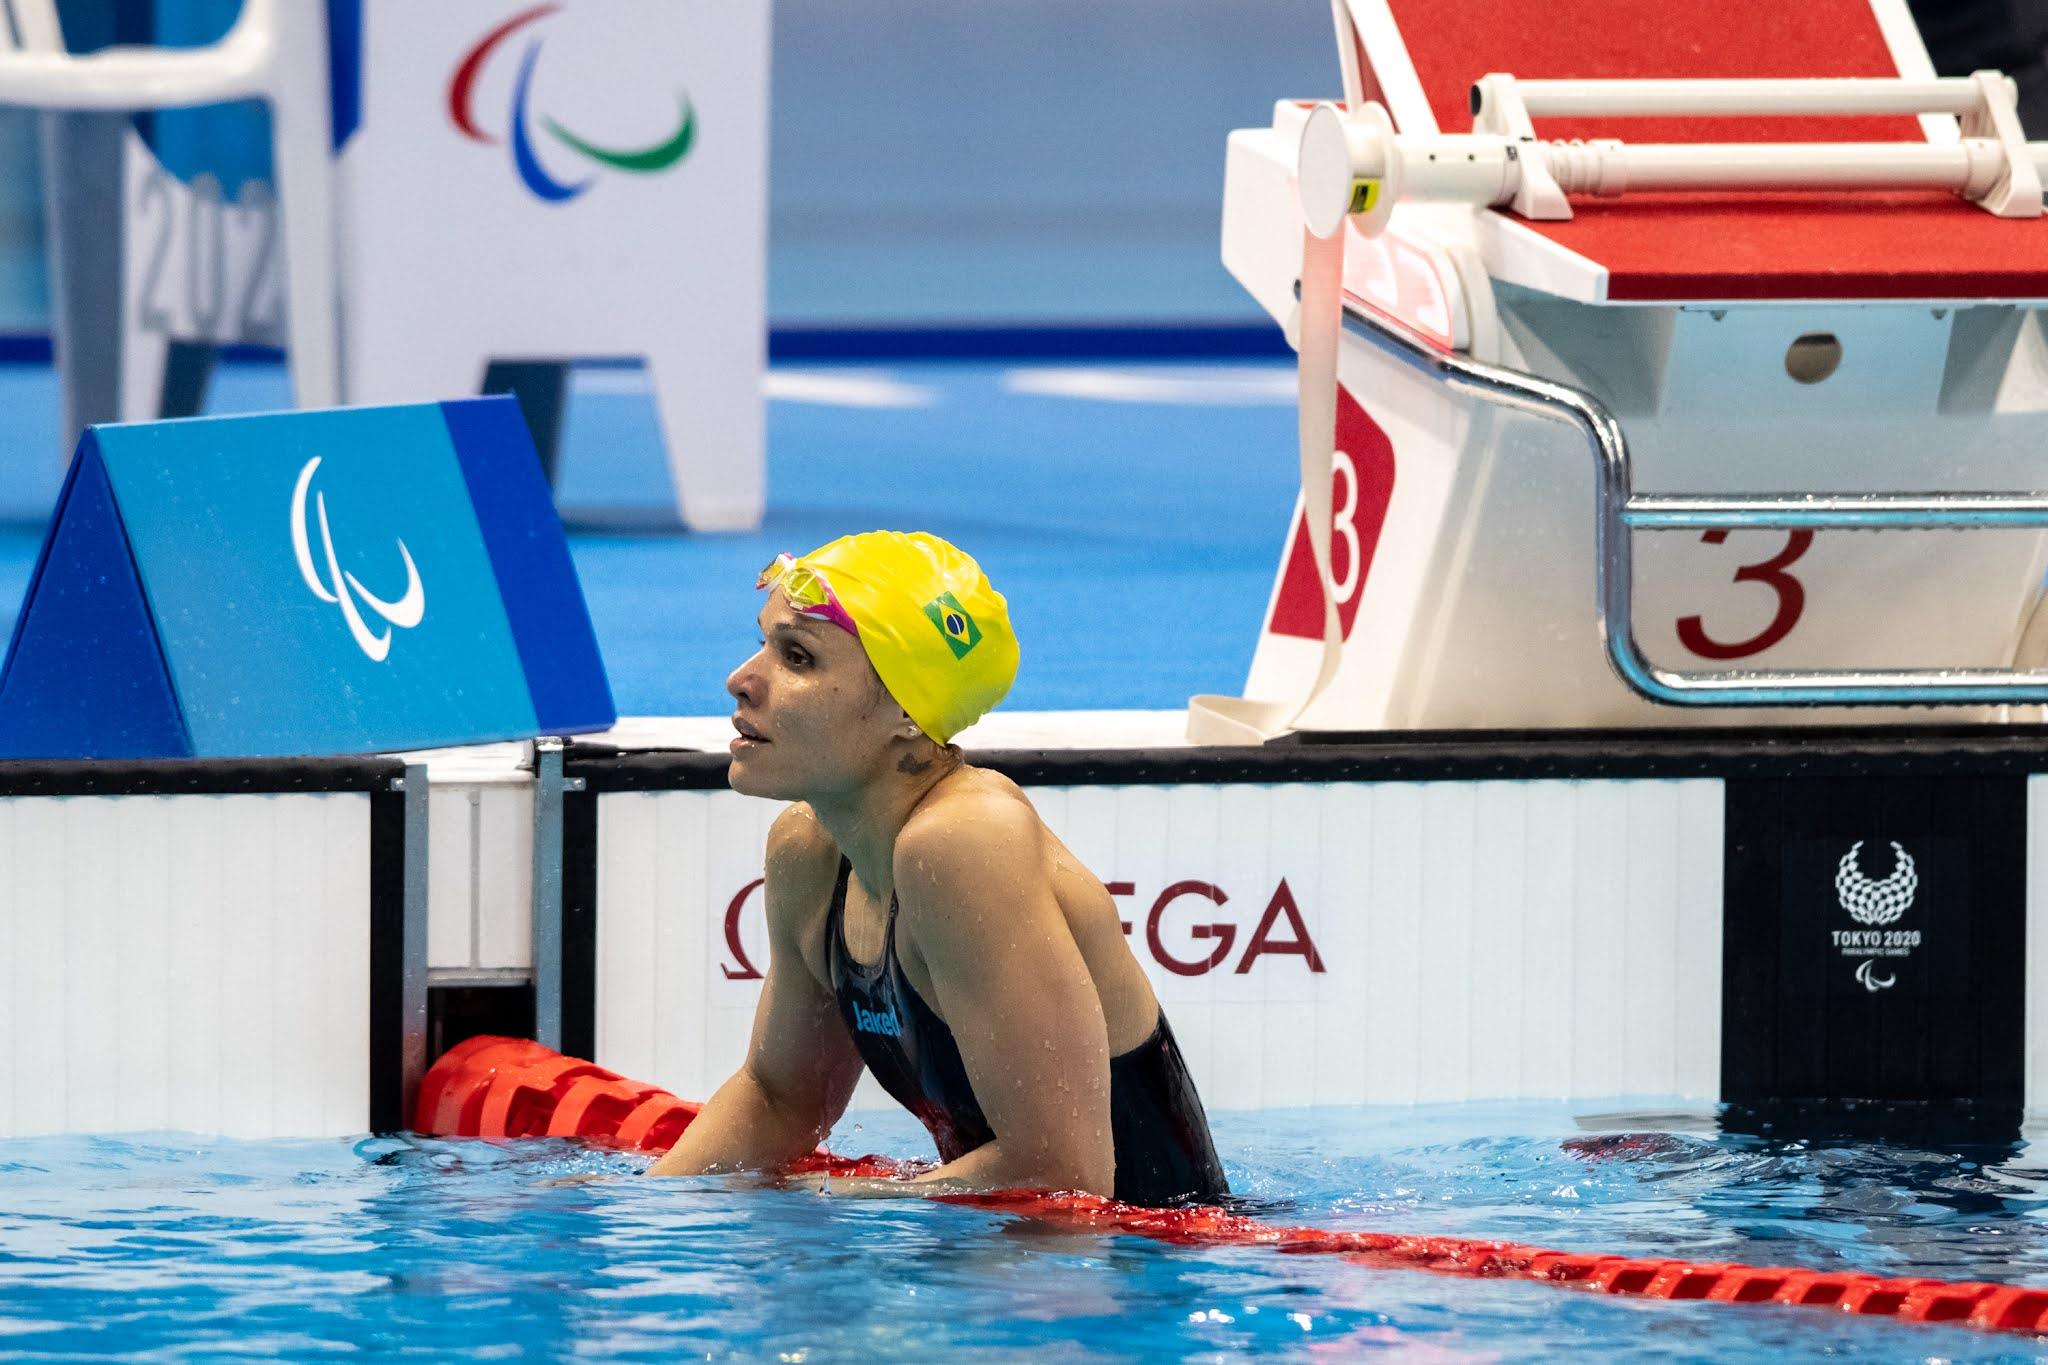 Maria Carolina Santiago, de touca amarela, está na piscina, com a mão sobre a raia